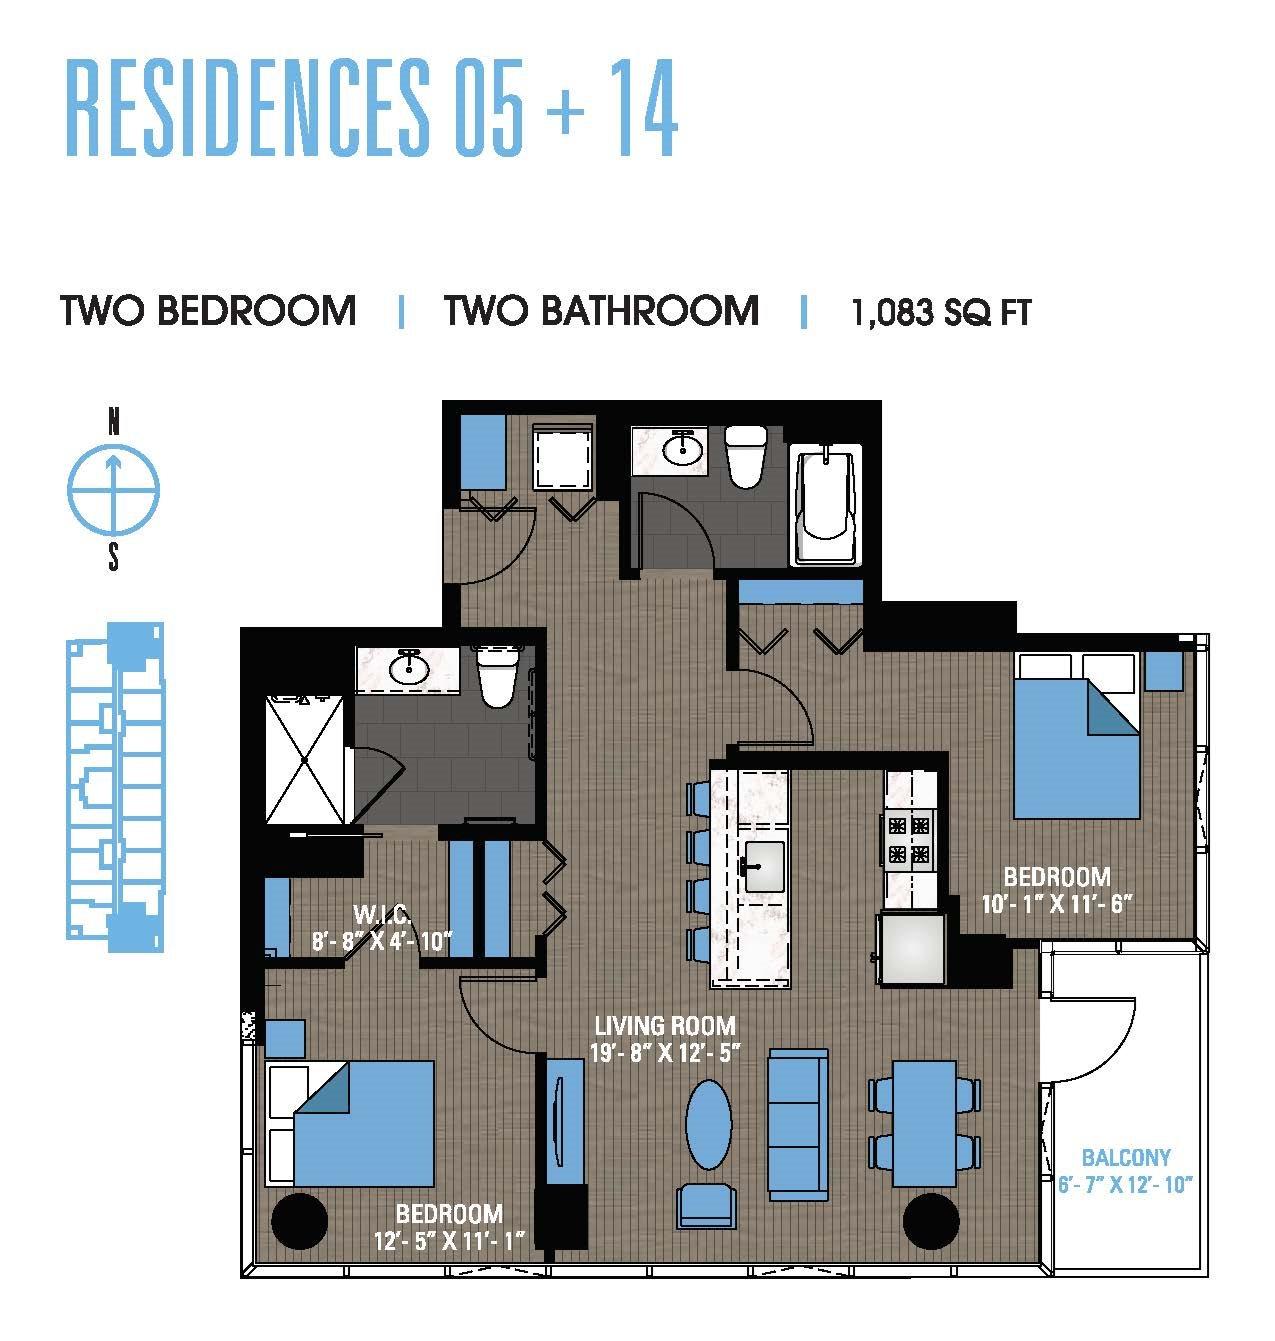 Two Bedroom 05+14 Floor Plan 13